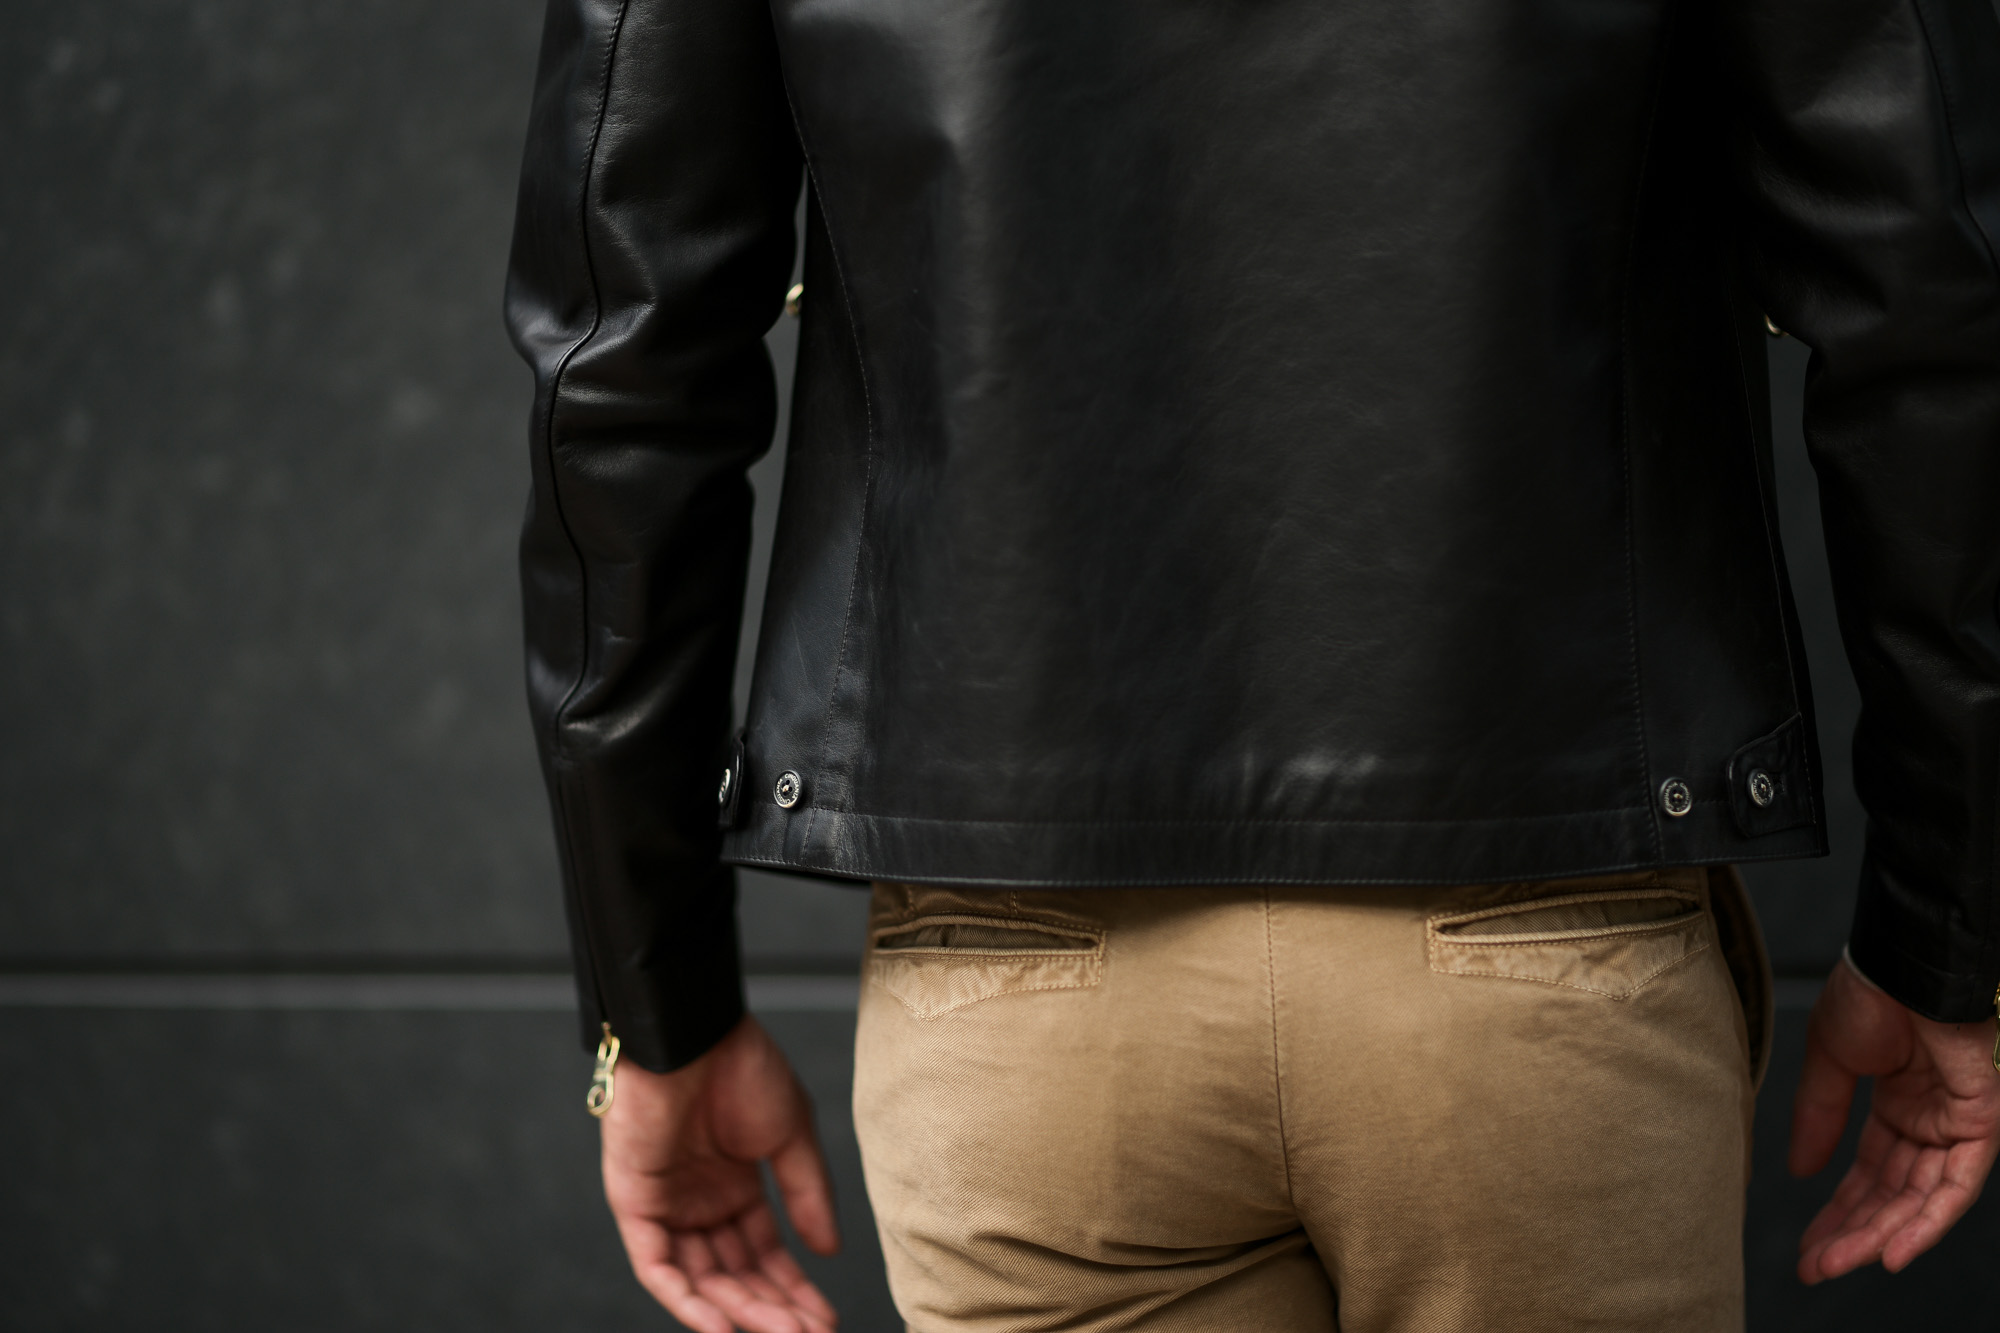 CINQUANTA(チンクアンタ) H502 STAND COLLAR RIDERS CAVALLO (スタンド カラー ジャケット) HORSE LEATHER ホースレザー シングル ライダース ジャケット BLACK GOLD (ブラック ゴールド・999) Made in italy (イタリア製) 2020 cinquanta チンクアンタ レザージャケット 愛知 名古屋 Alto e Diritto アルト エ デリット アルトエデリット